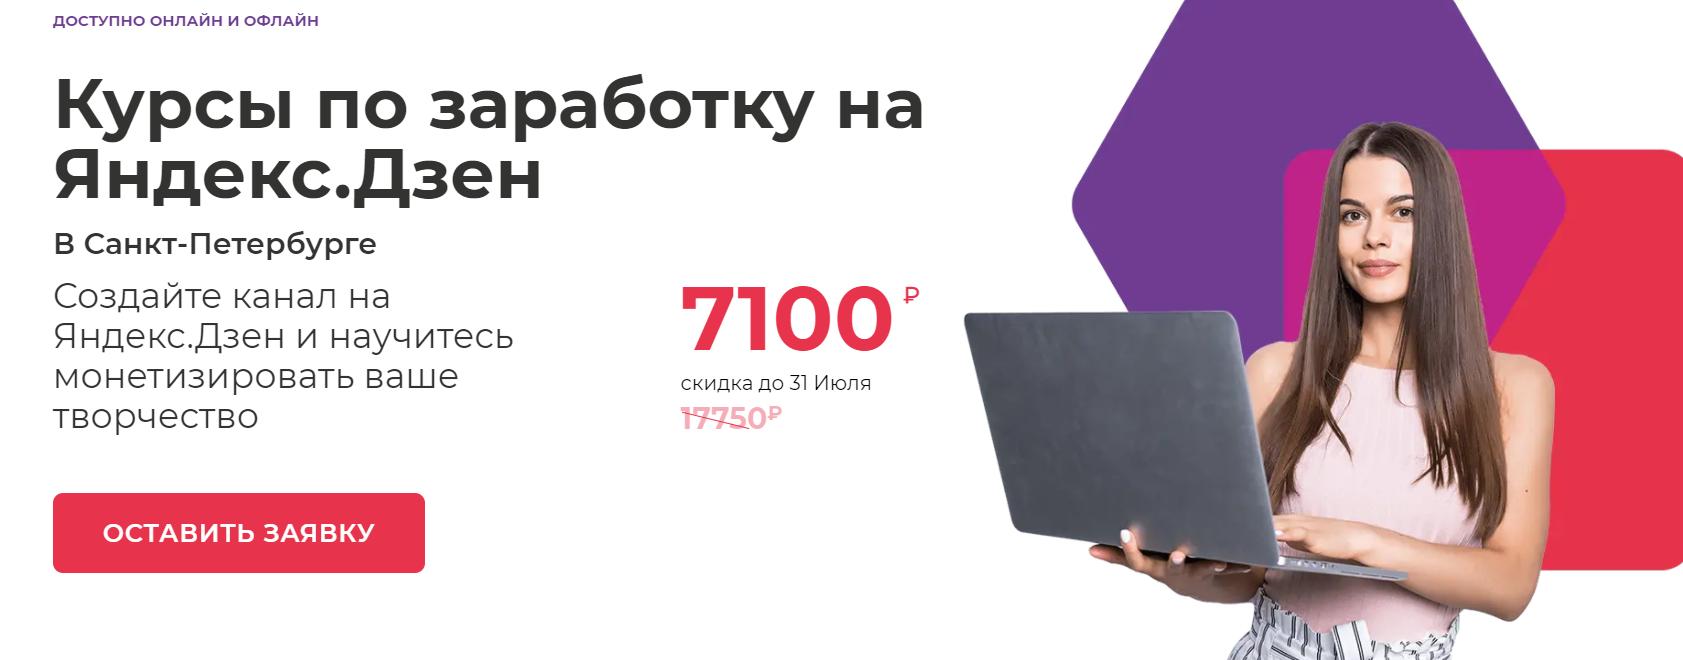 Отзывы о курсе - Курсы по заработку на Яндекс.Дзен от Международной школы профессий